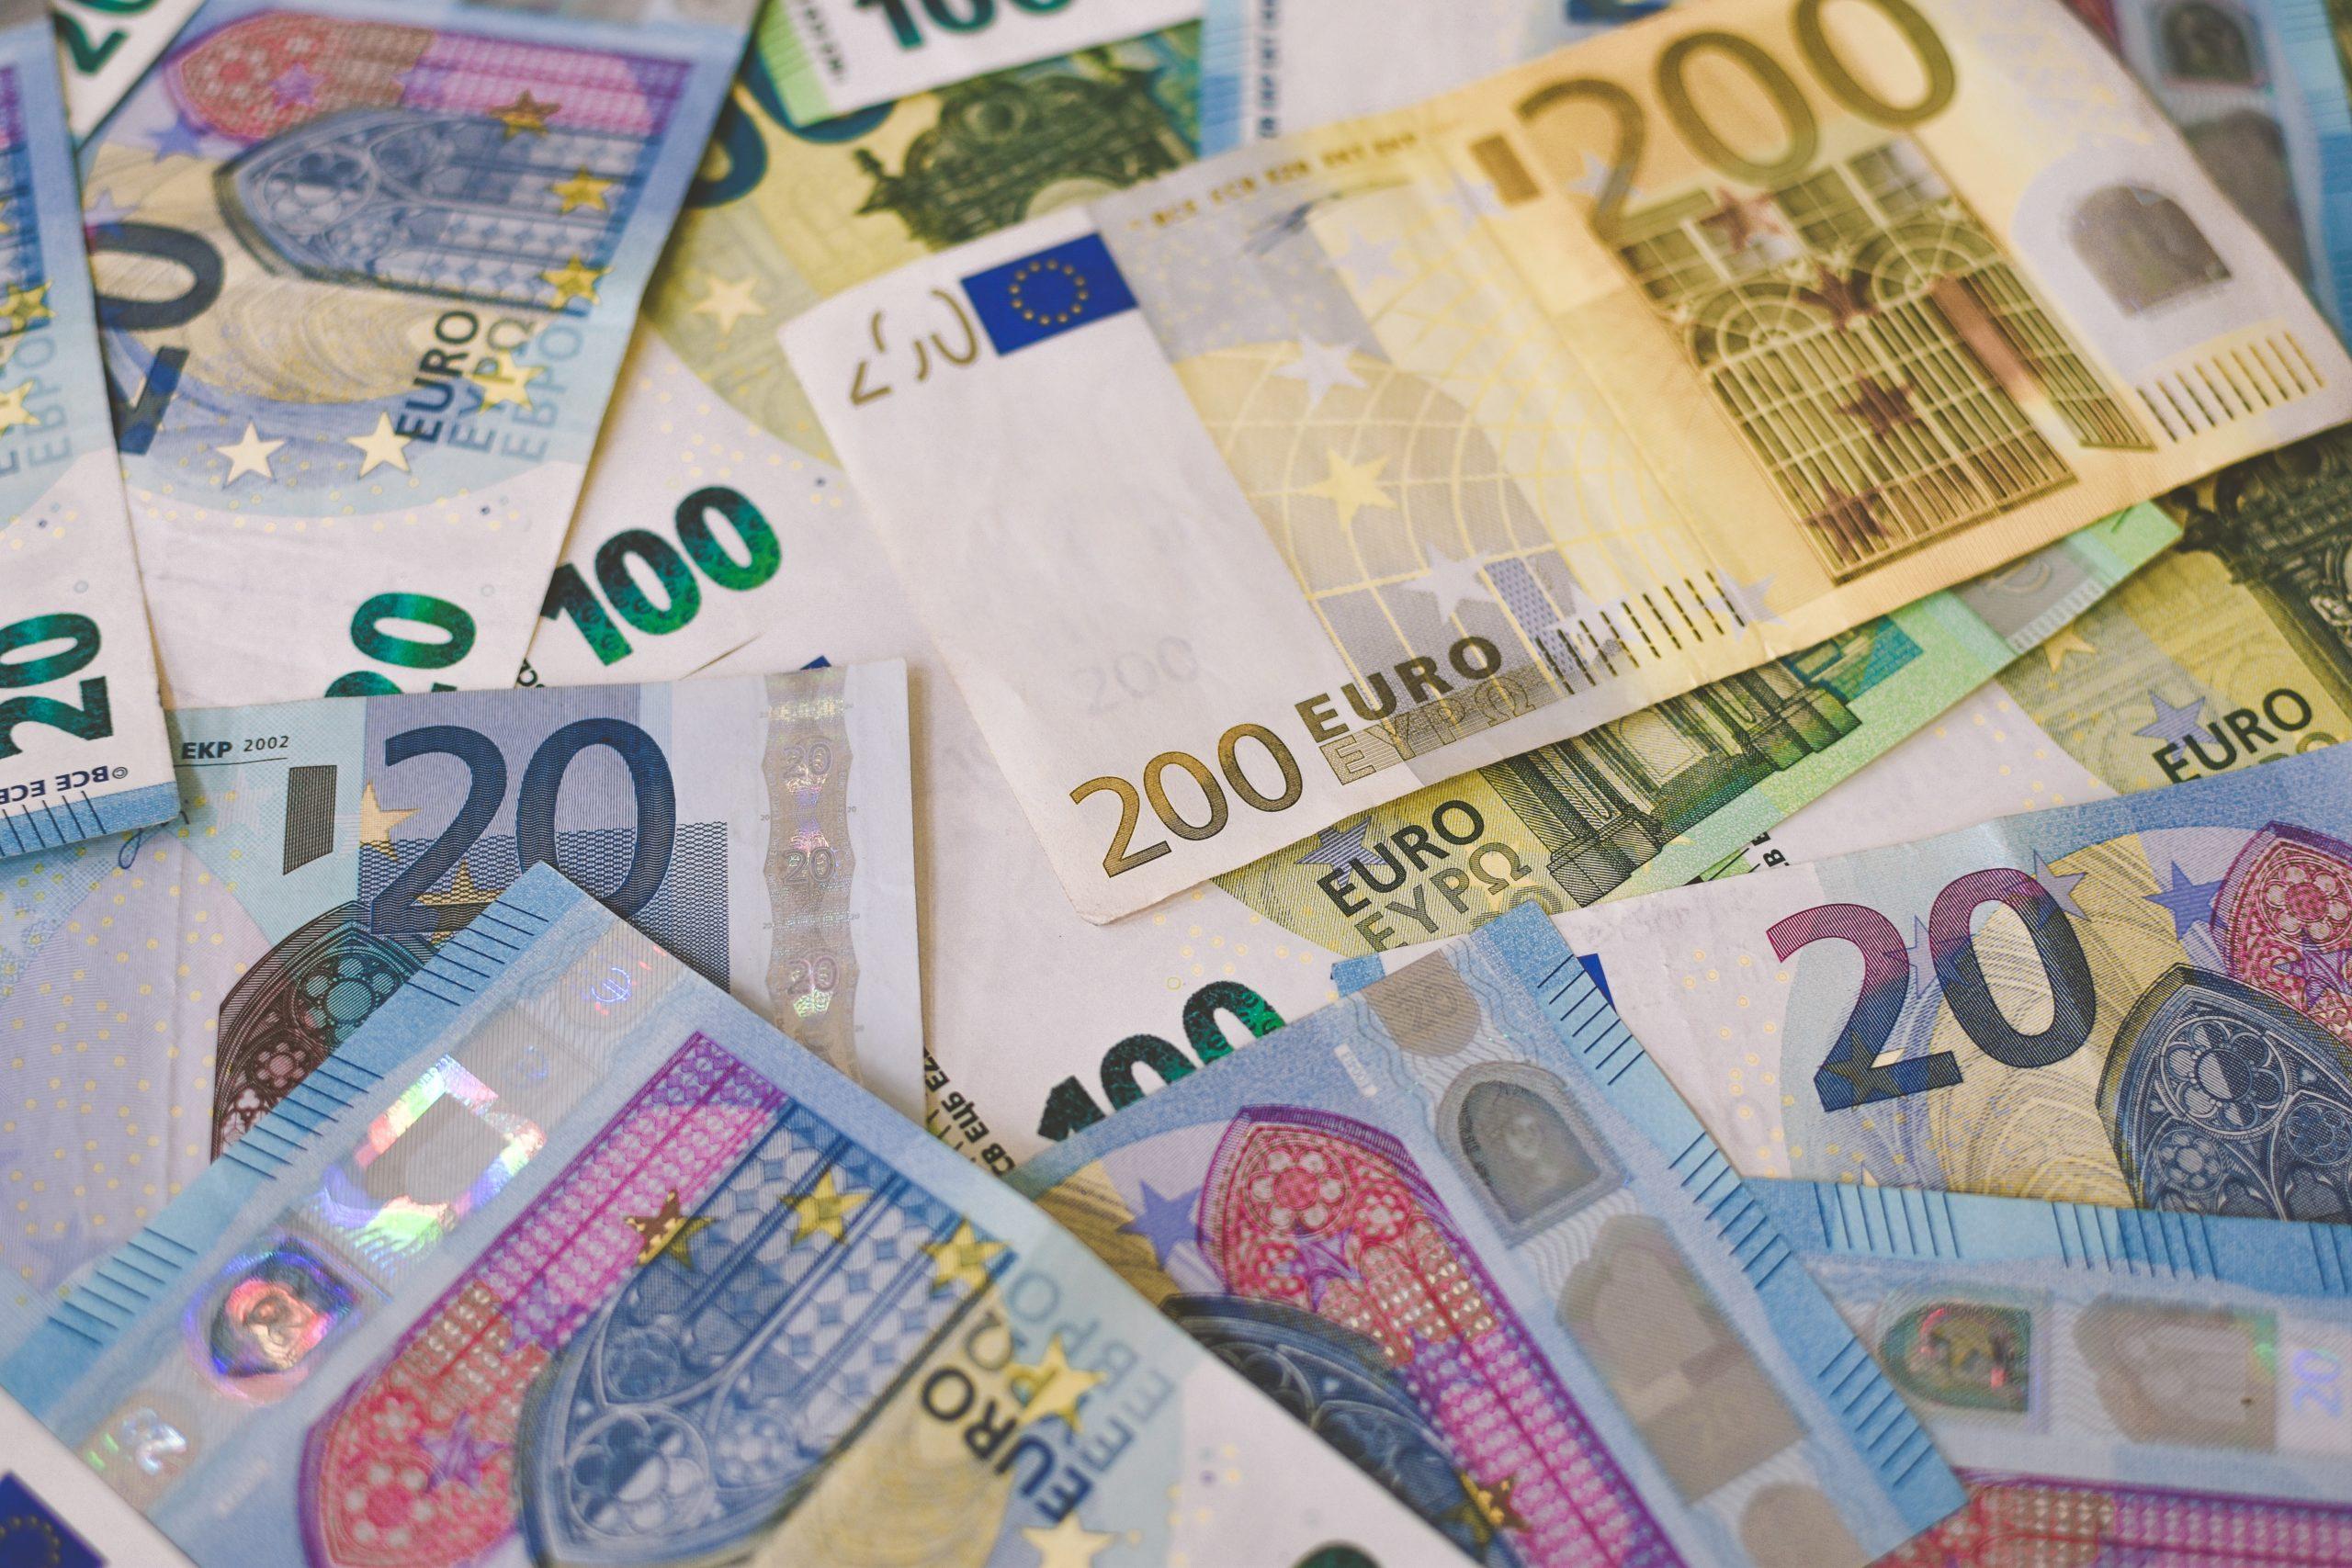 'Banken mogen geen kosten rekenen voor contant geld'